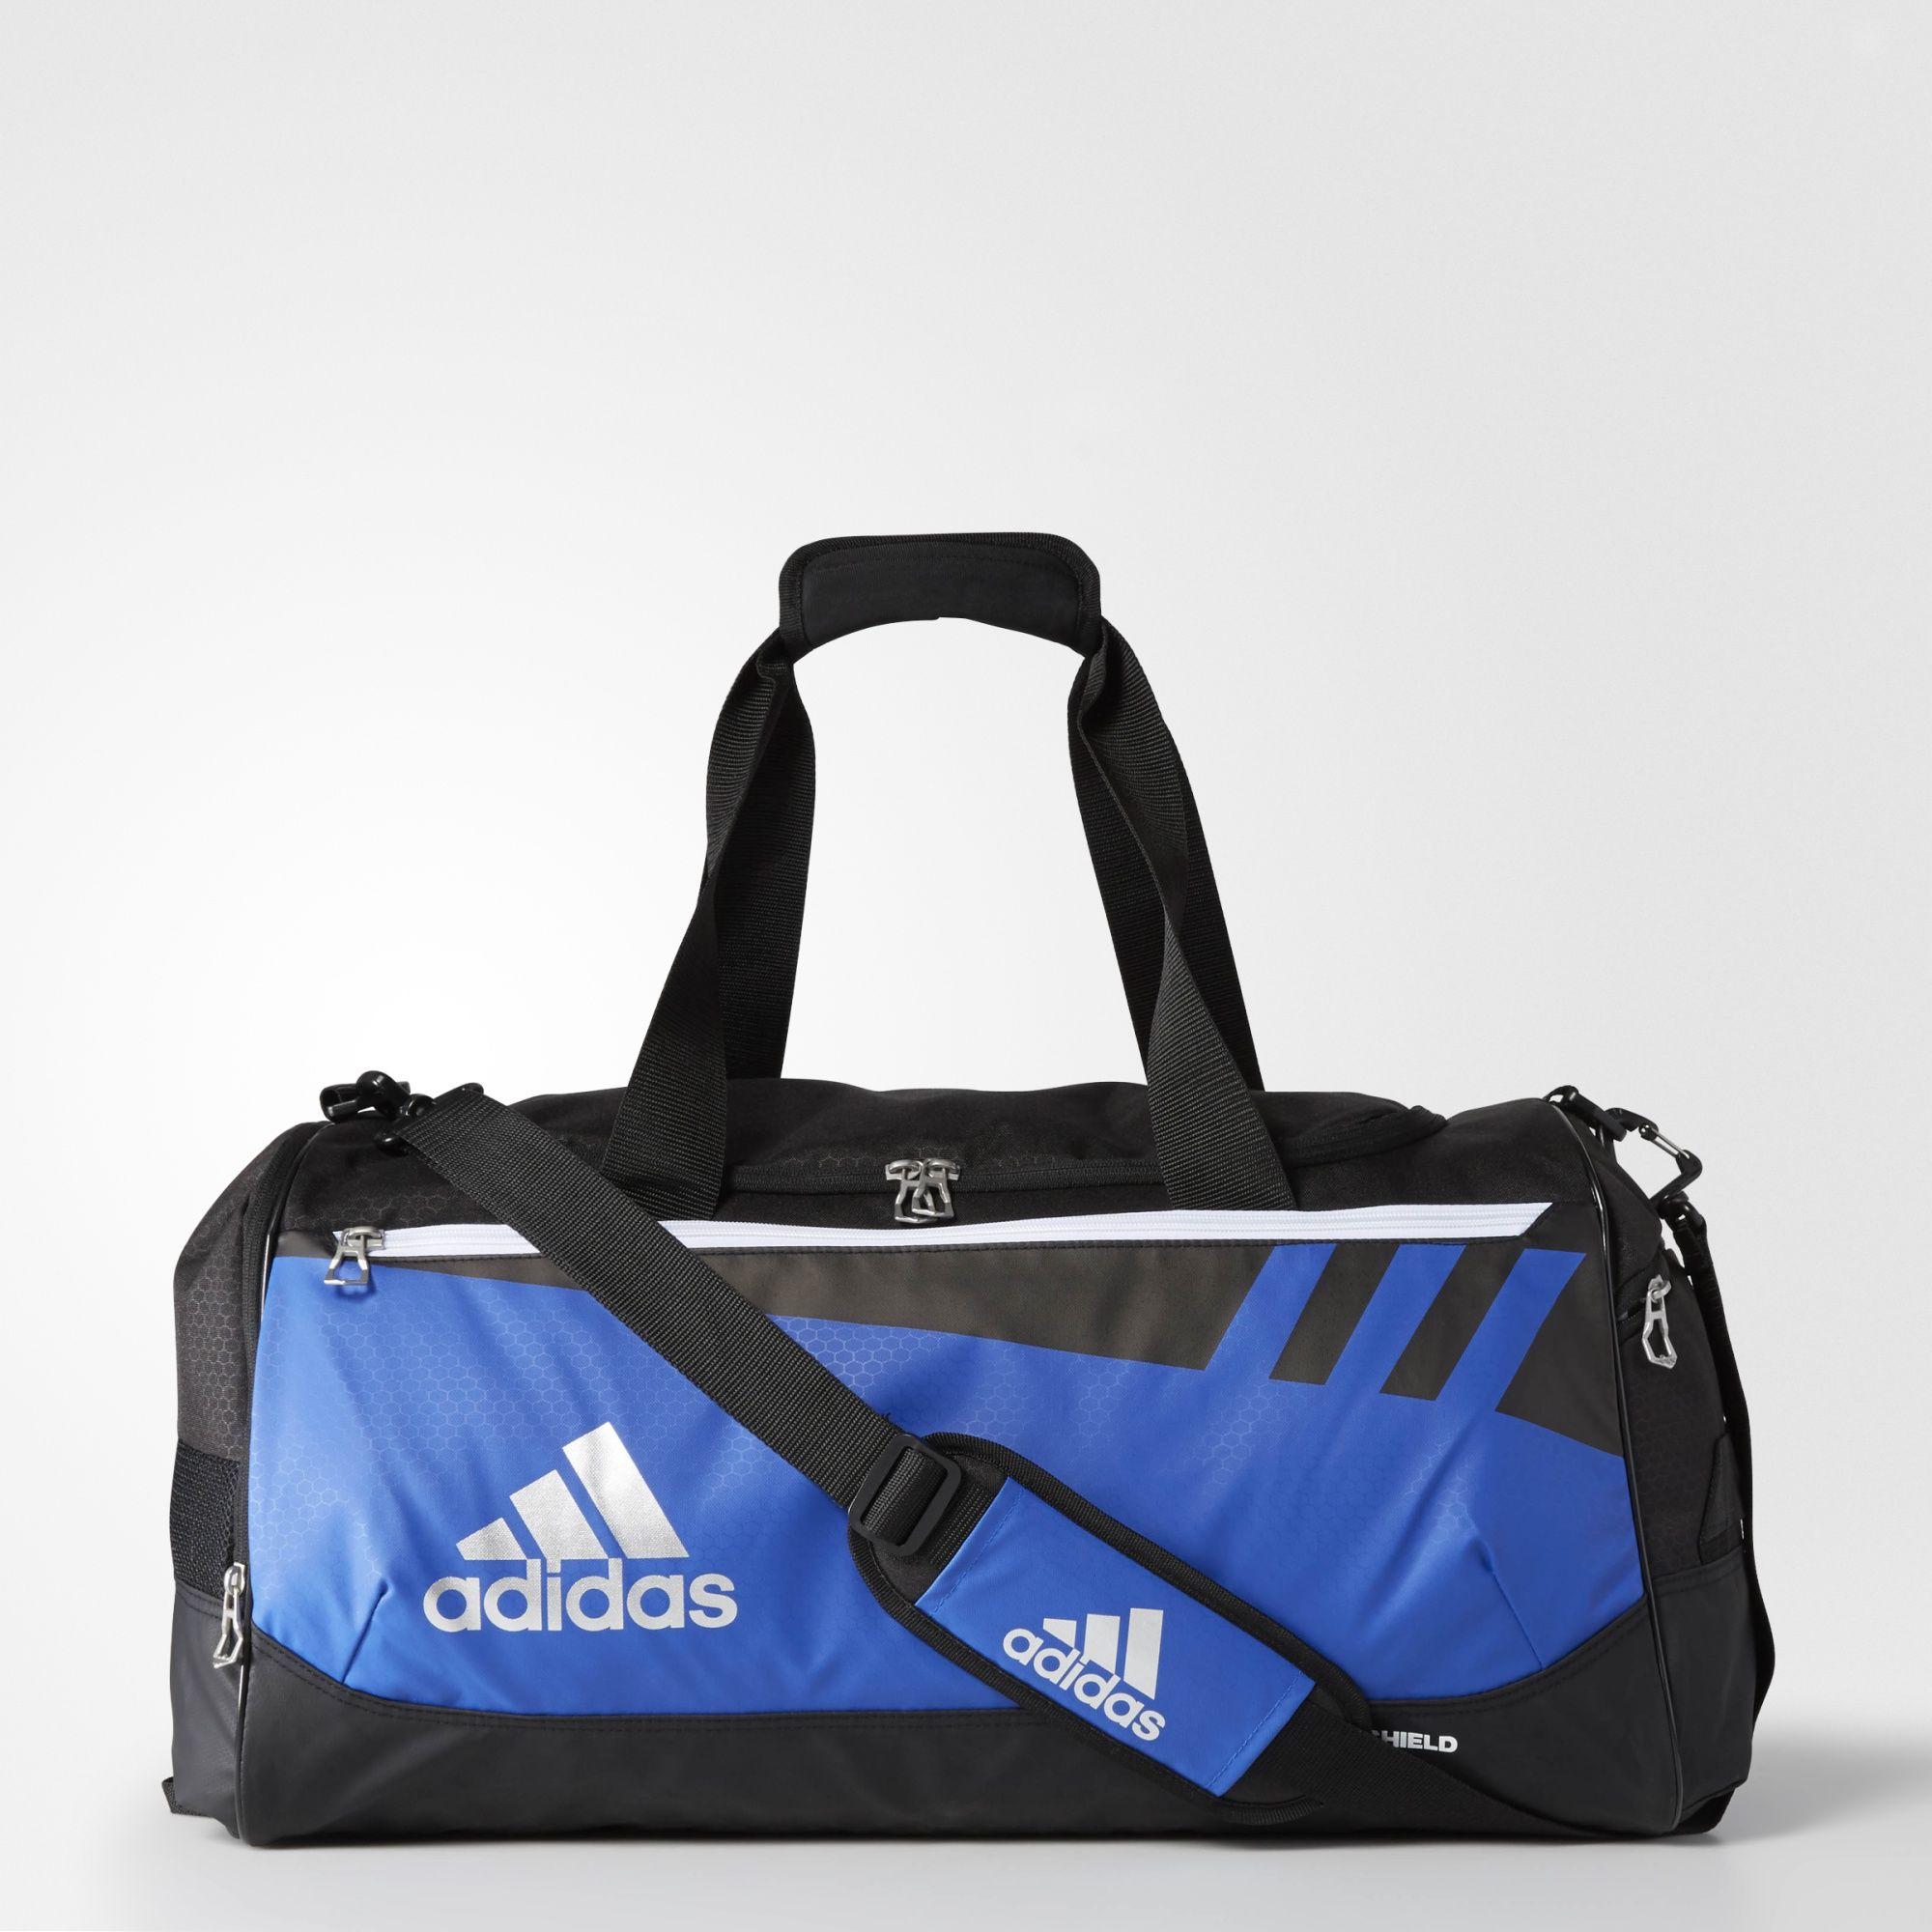 ffce181ab1 Adidas Team Issue Medium Duffel Bag (Bold Blue) - Slickdeals.net